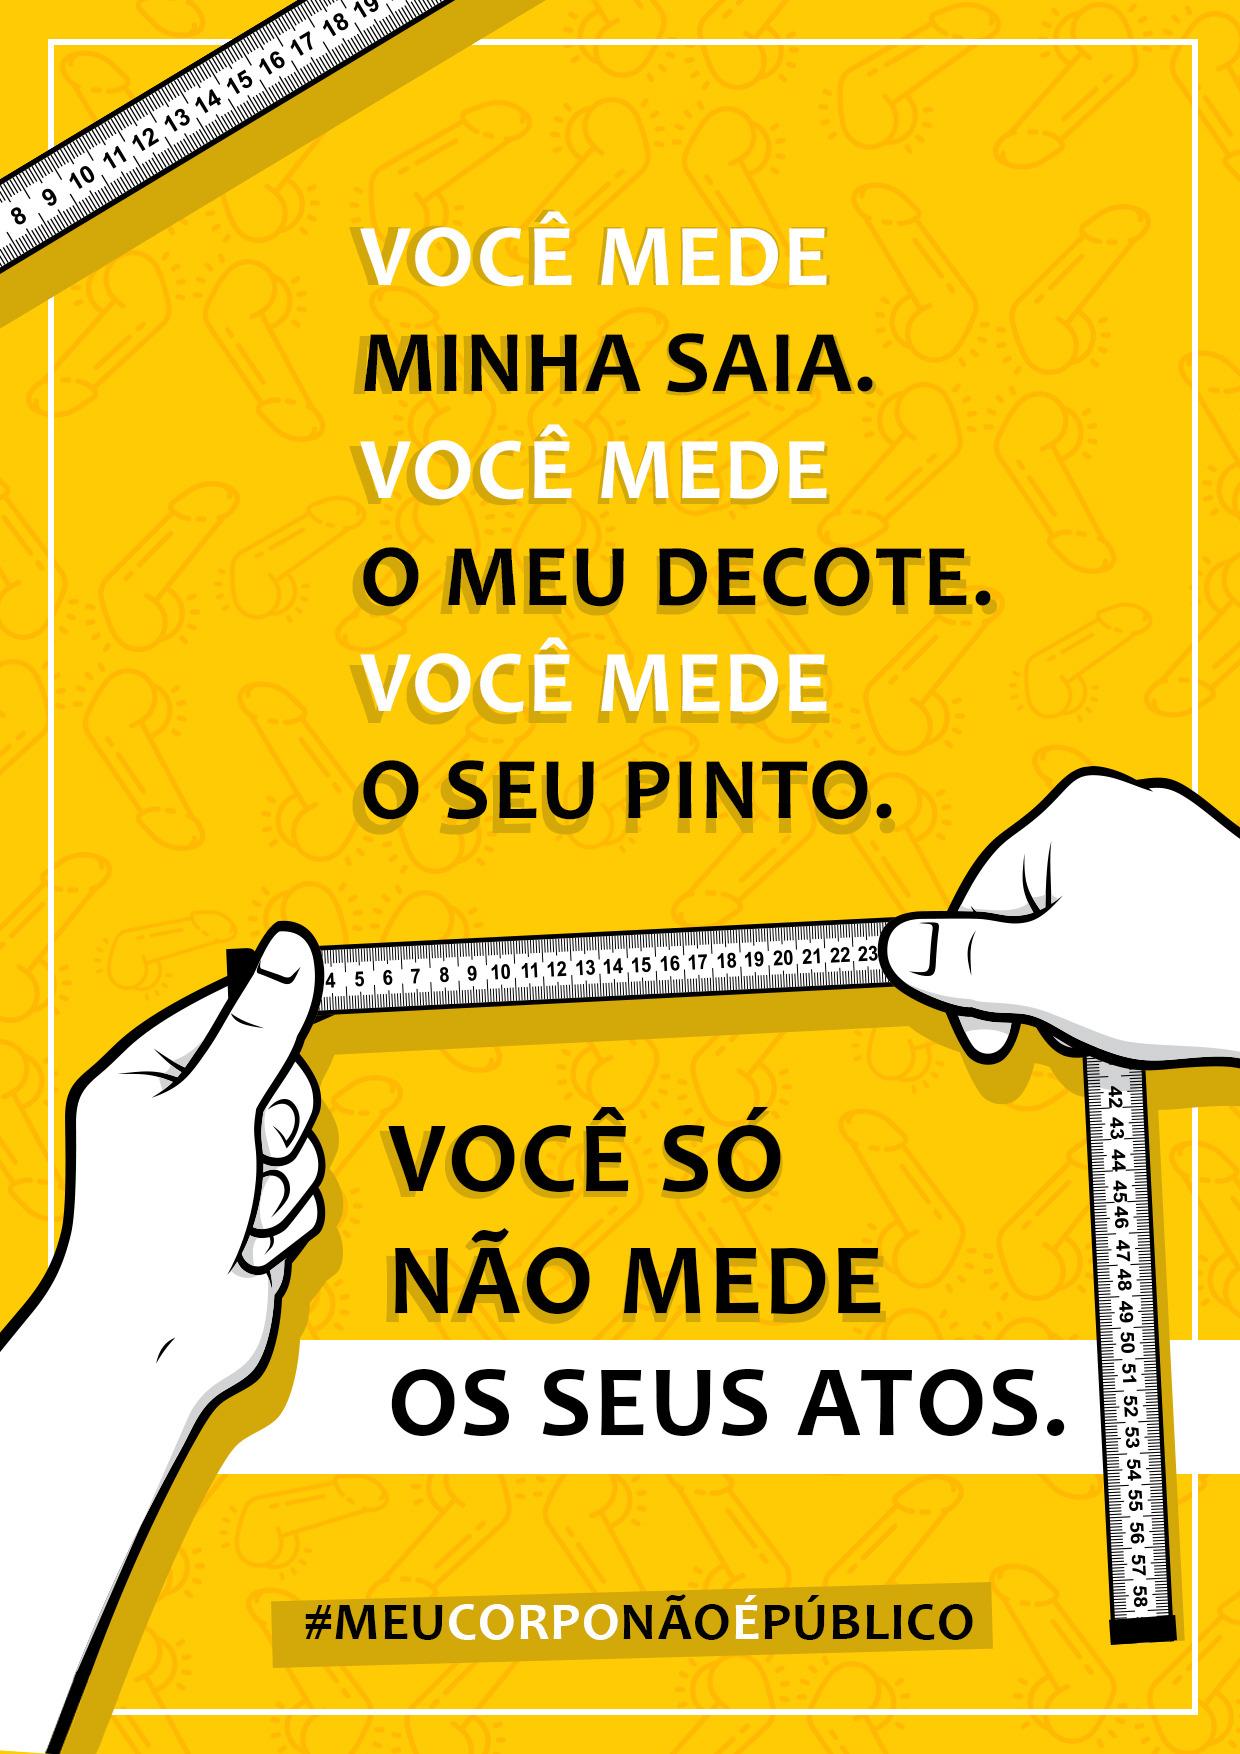 Mulheres se unem em movimento contra abusadores no transporte público: #MEUCORPONÃOÉPÚBLICO 5